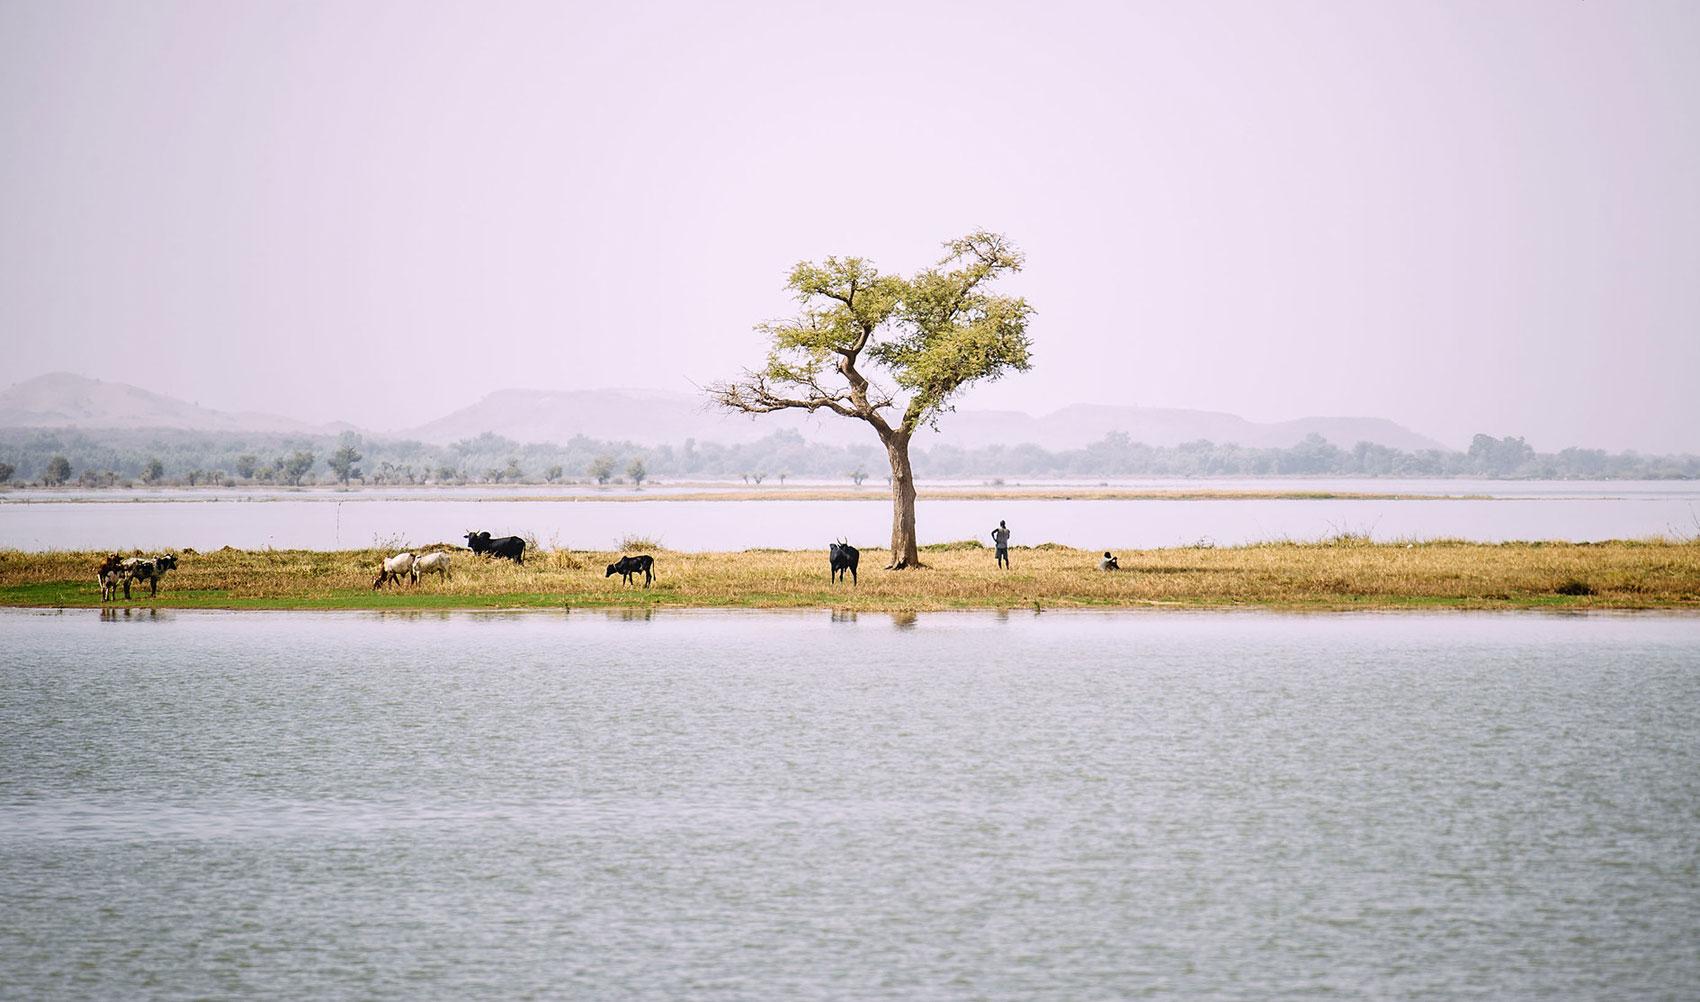 Los árboles y el agua: no subestimemos la conexión